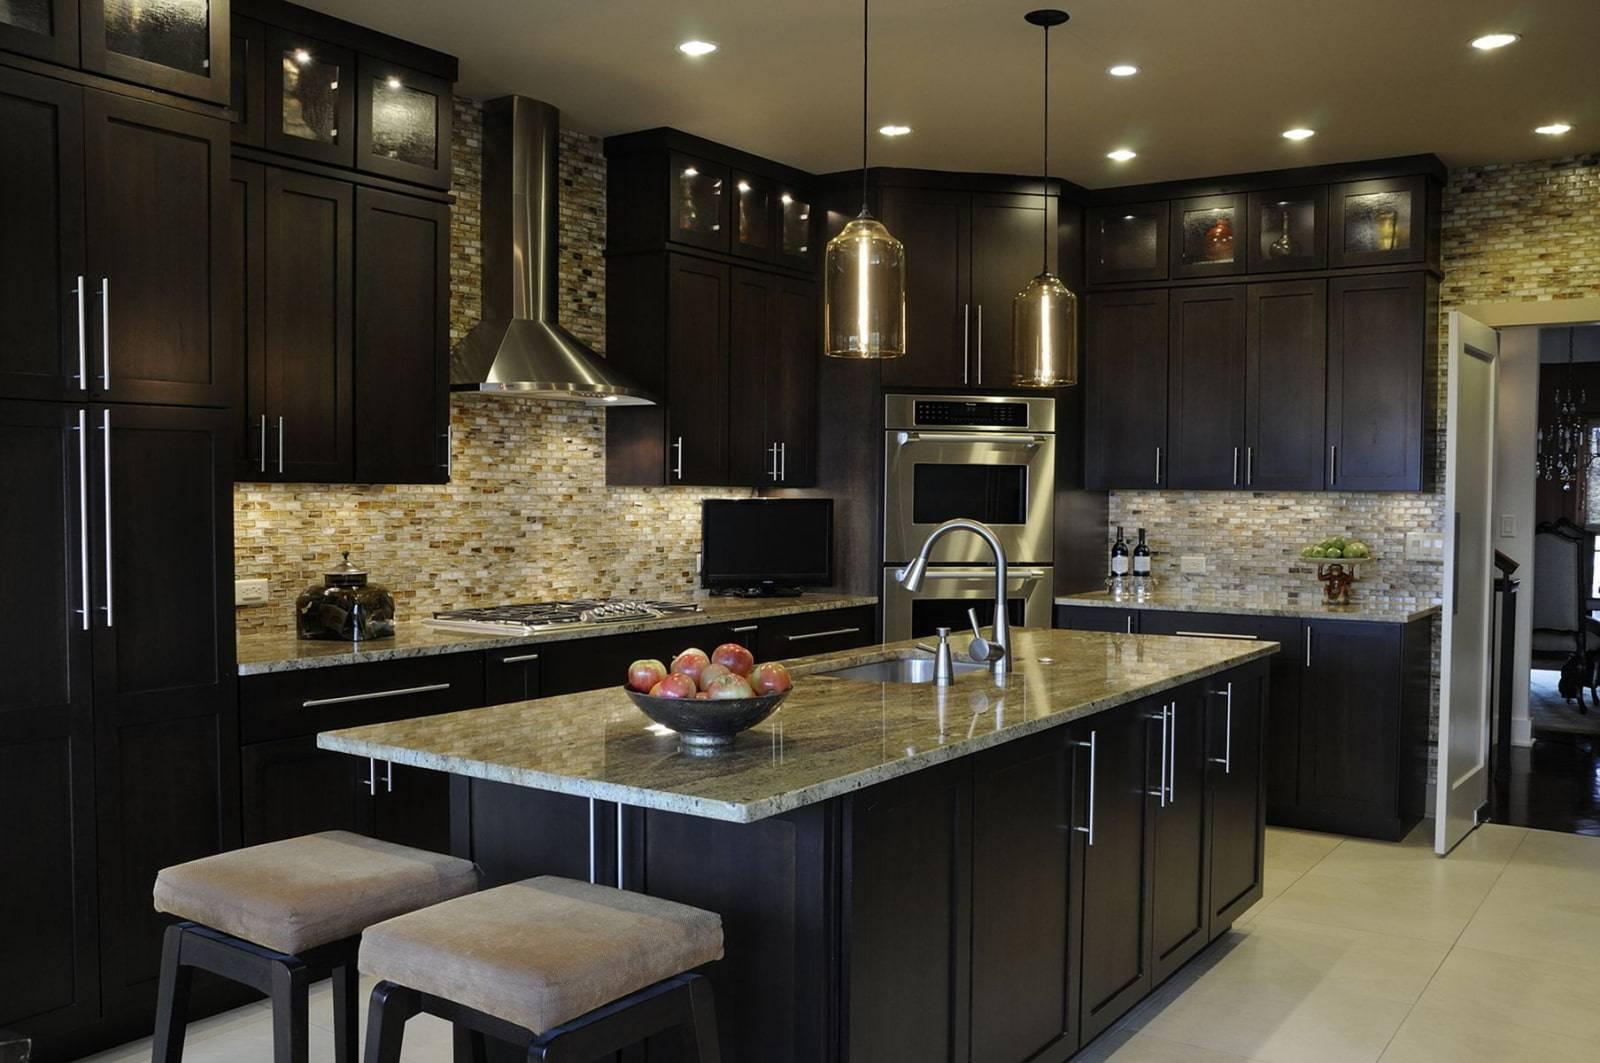 Кухня с окном: фото примеры оформление окна на кухне